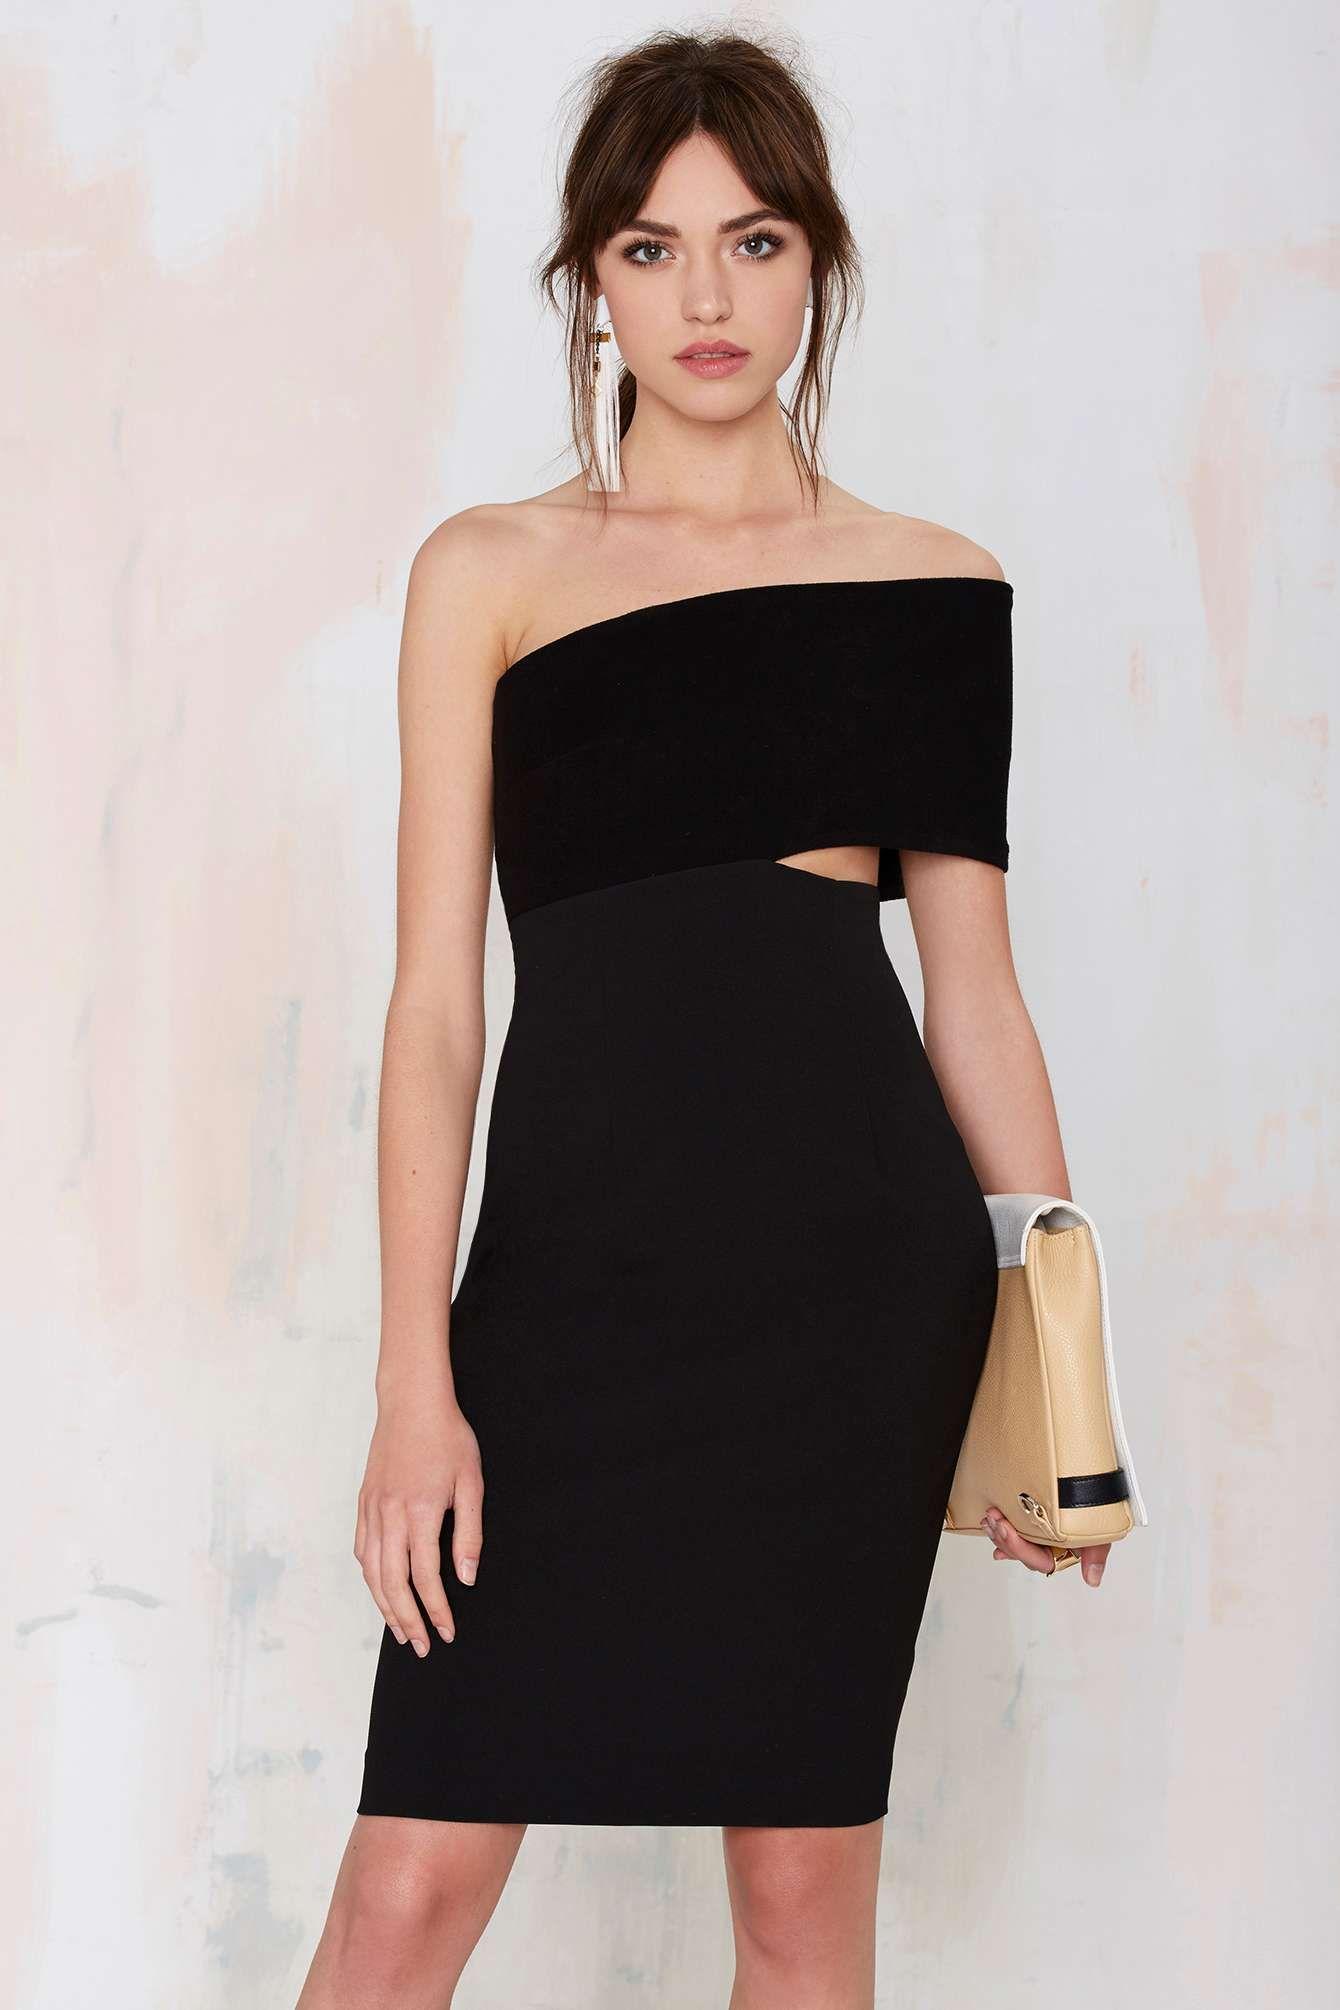 Solace Renzo Midi Dress Fashion Mid Length Dresses Dresses [ 2010 x 1340 Pixel ]